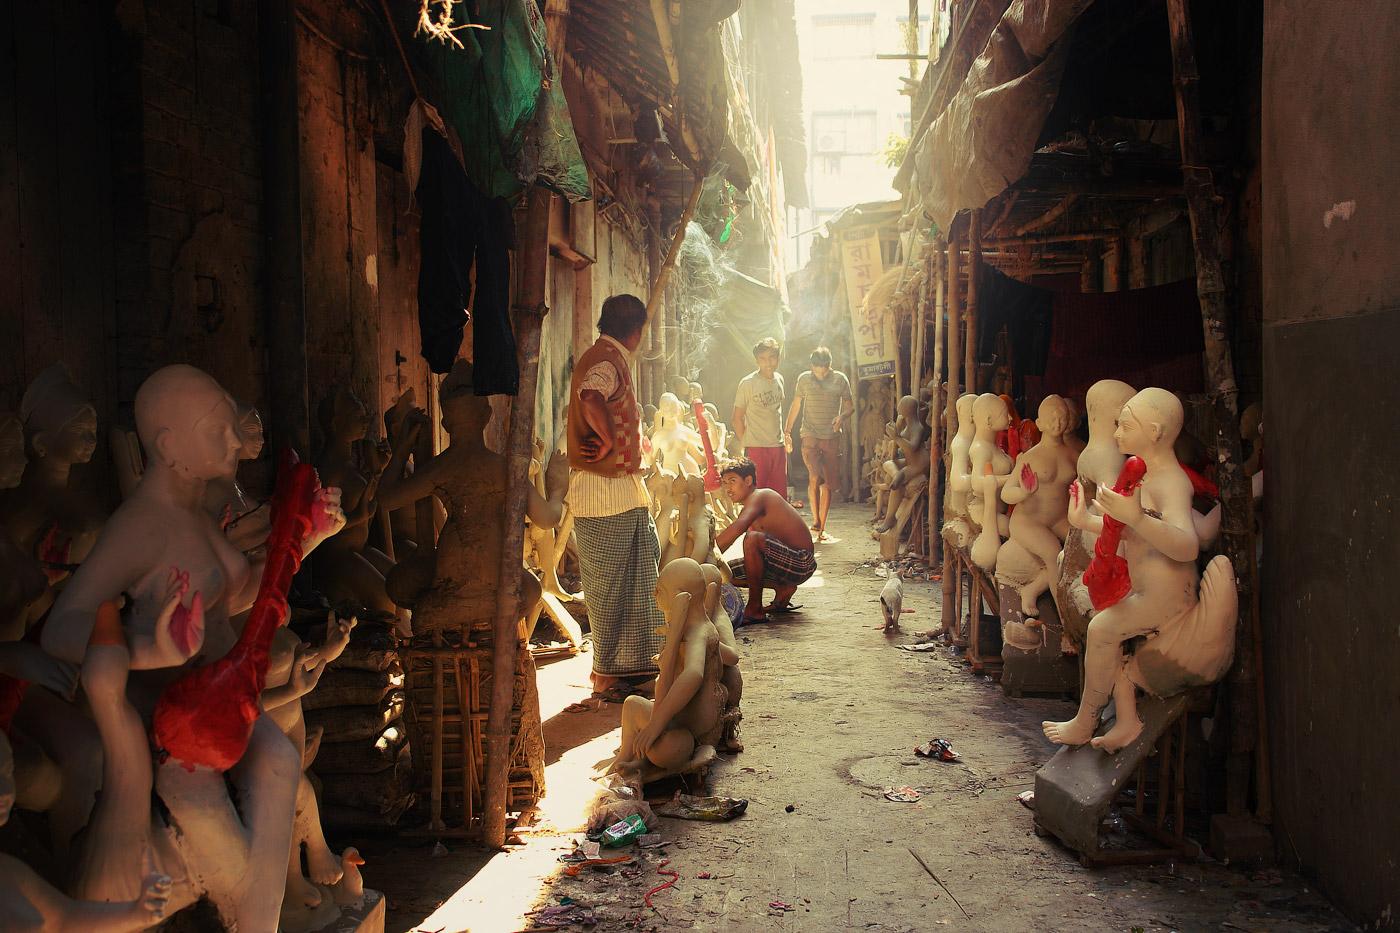 Снять проститутки в индии 16 фотография